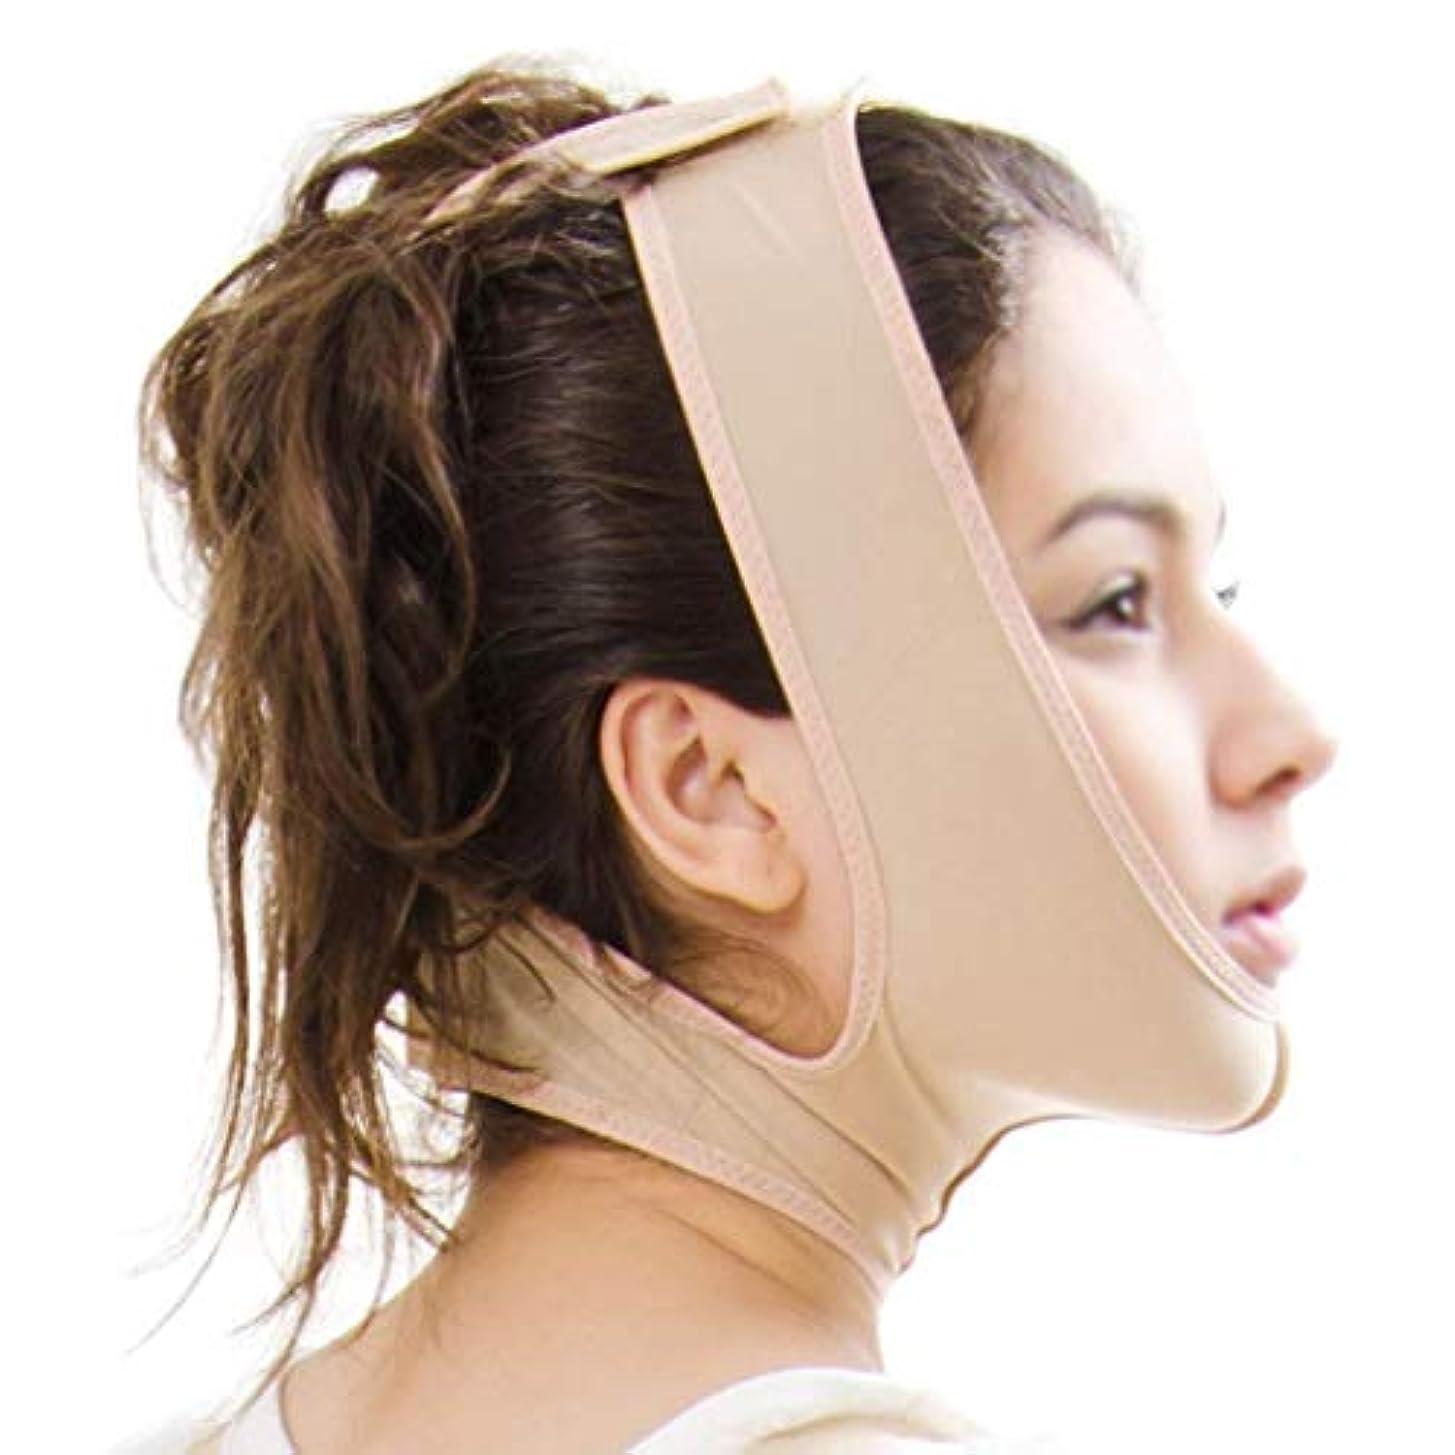 病弱アラビア語バイバイ顔のリフティング包帯、あごの首と首のあごの二重顔、脂肪吸引術、術後創傷マスク(サイズ:XXL)